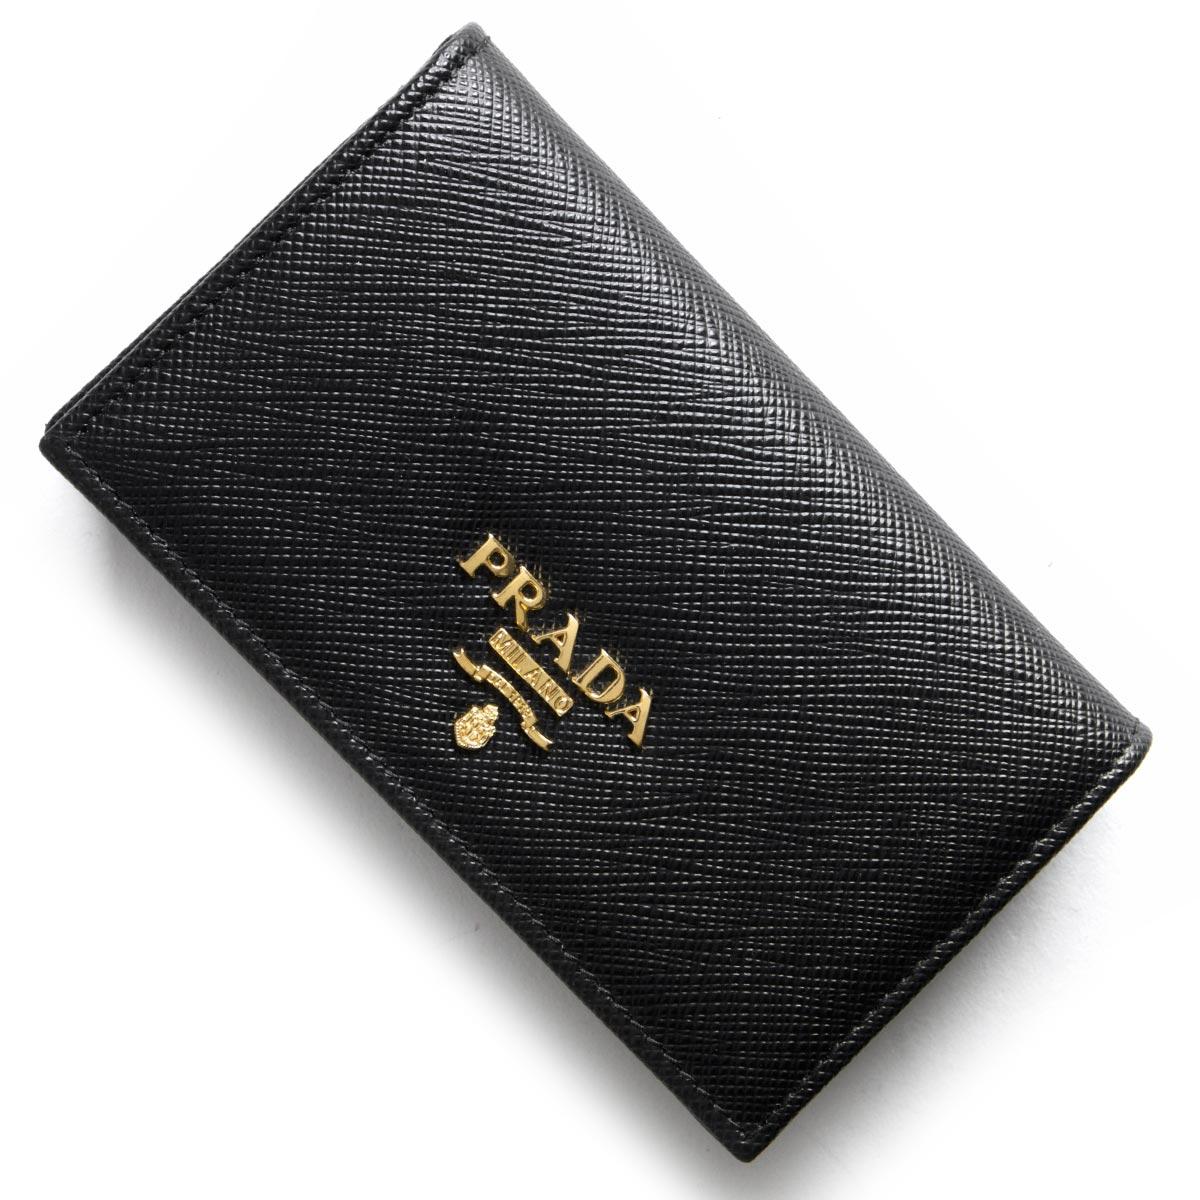 プラダ カードケース レディース サフィアーノ メタル SAFFIANO METAL ブラック 1MC122 QWA F0002 PRADA